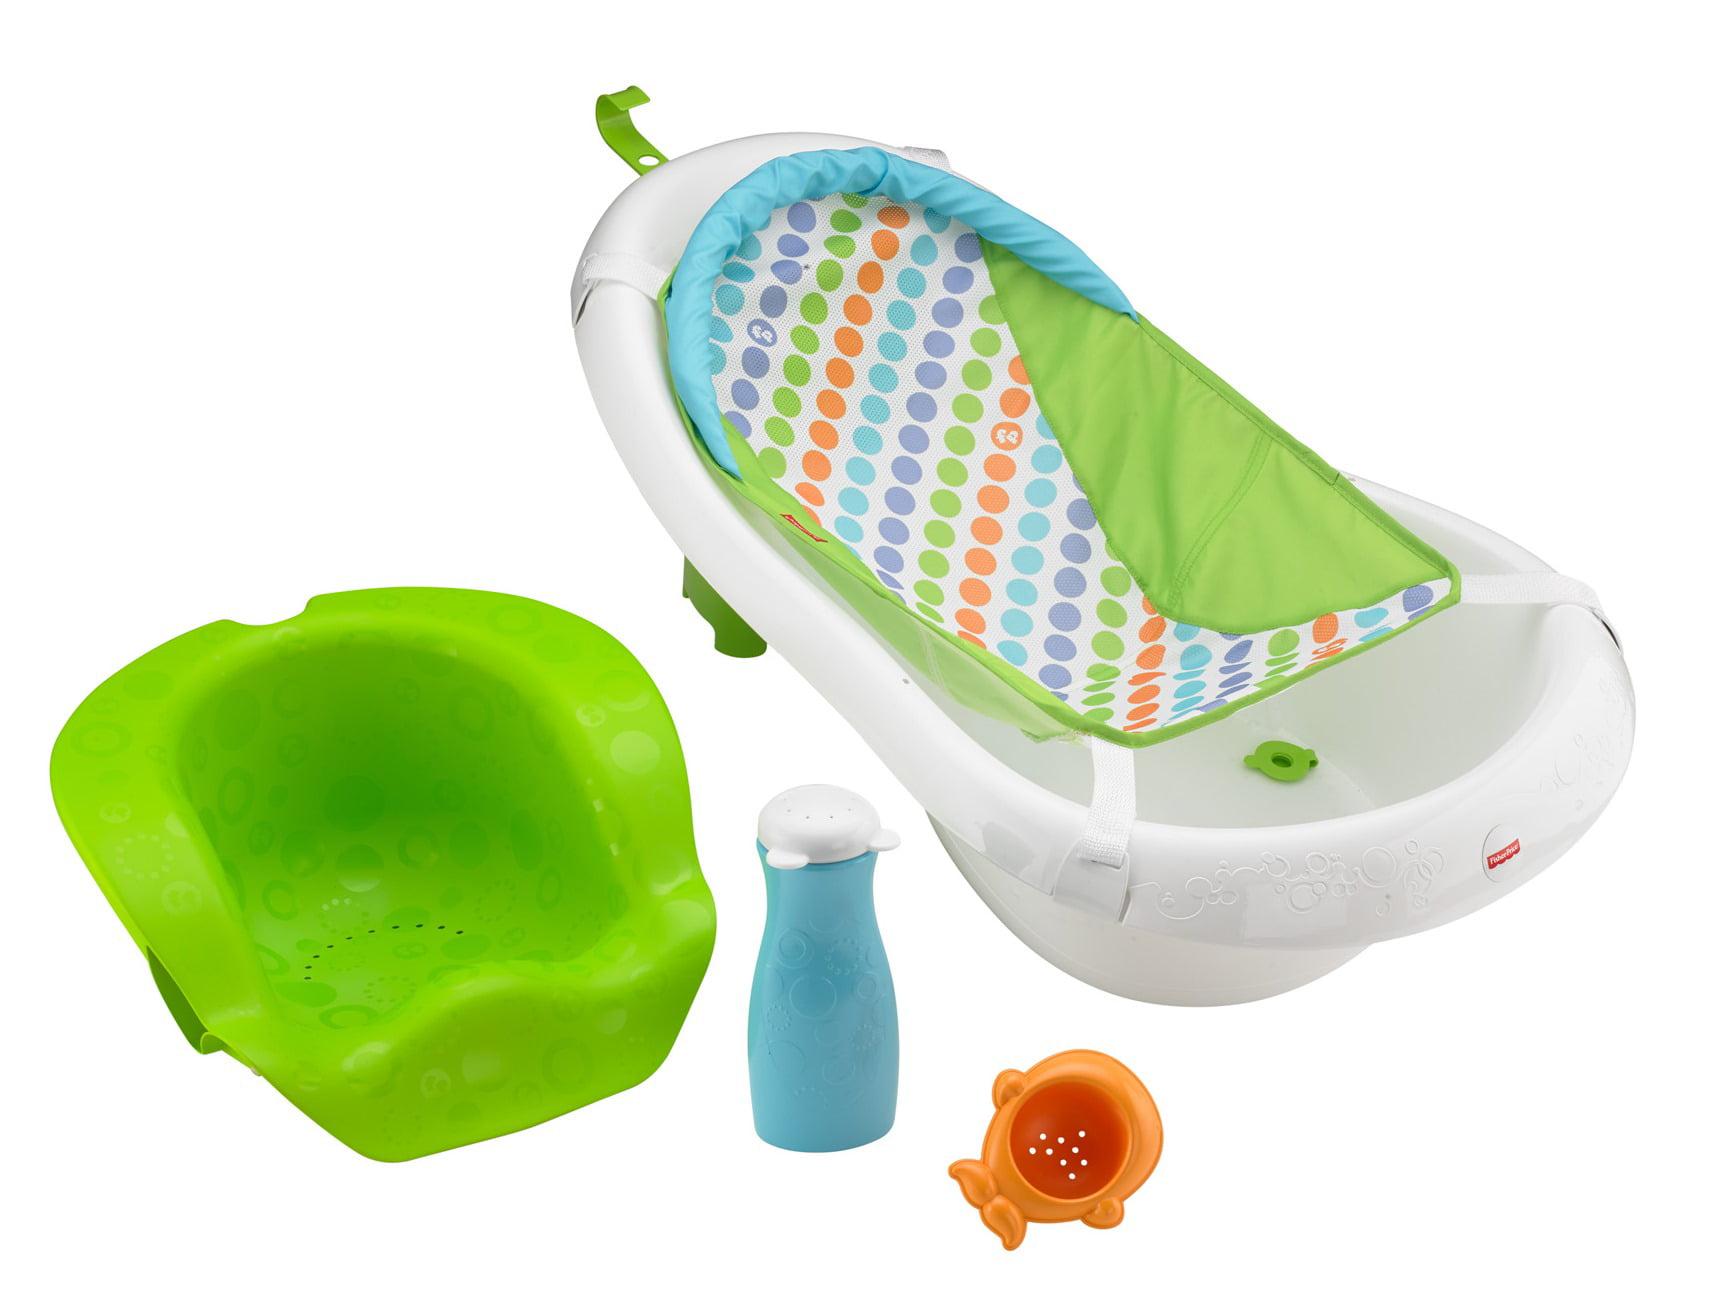 inflatable baby bathtub on shoppinder. Black Bedroom Furniture Sets. Home Design Ideas